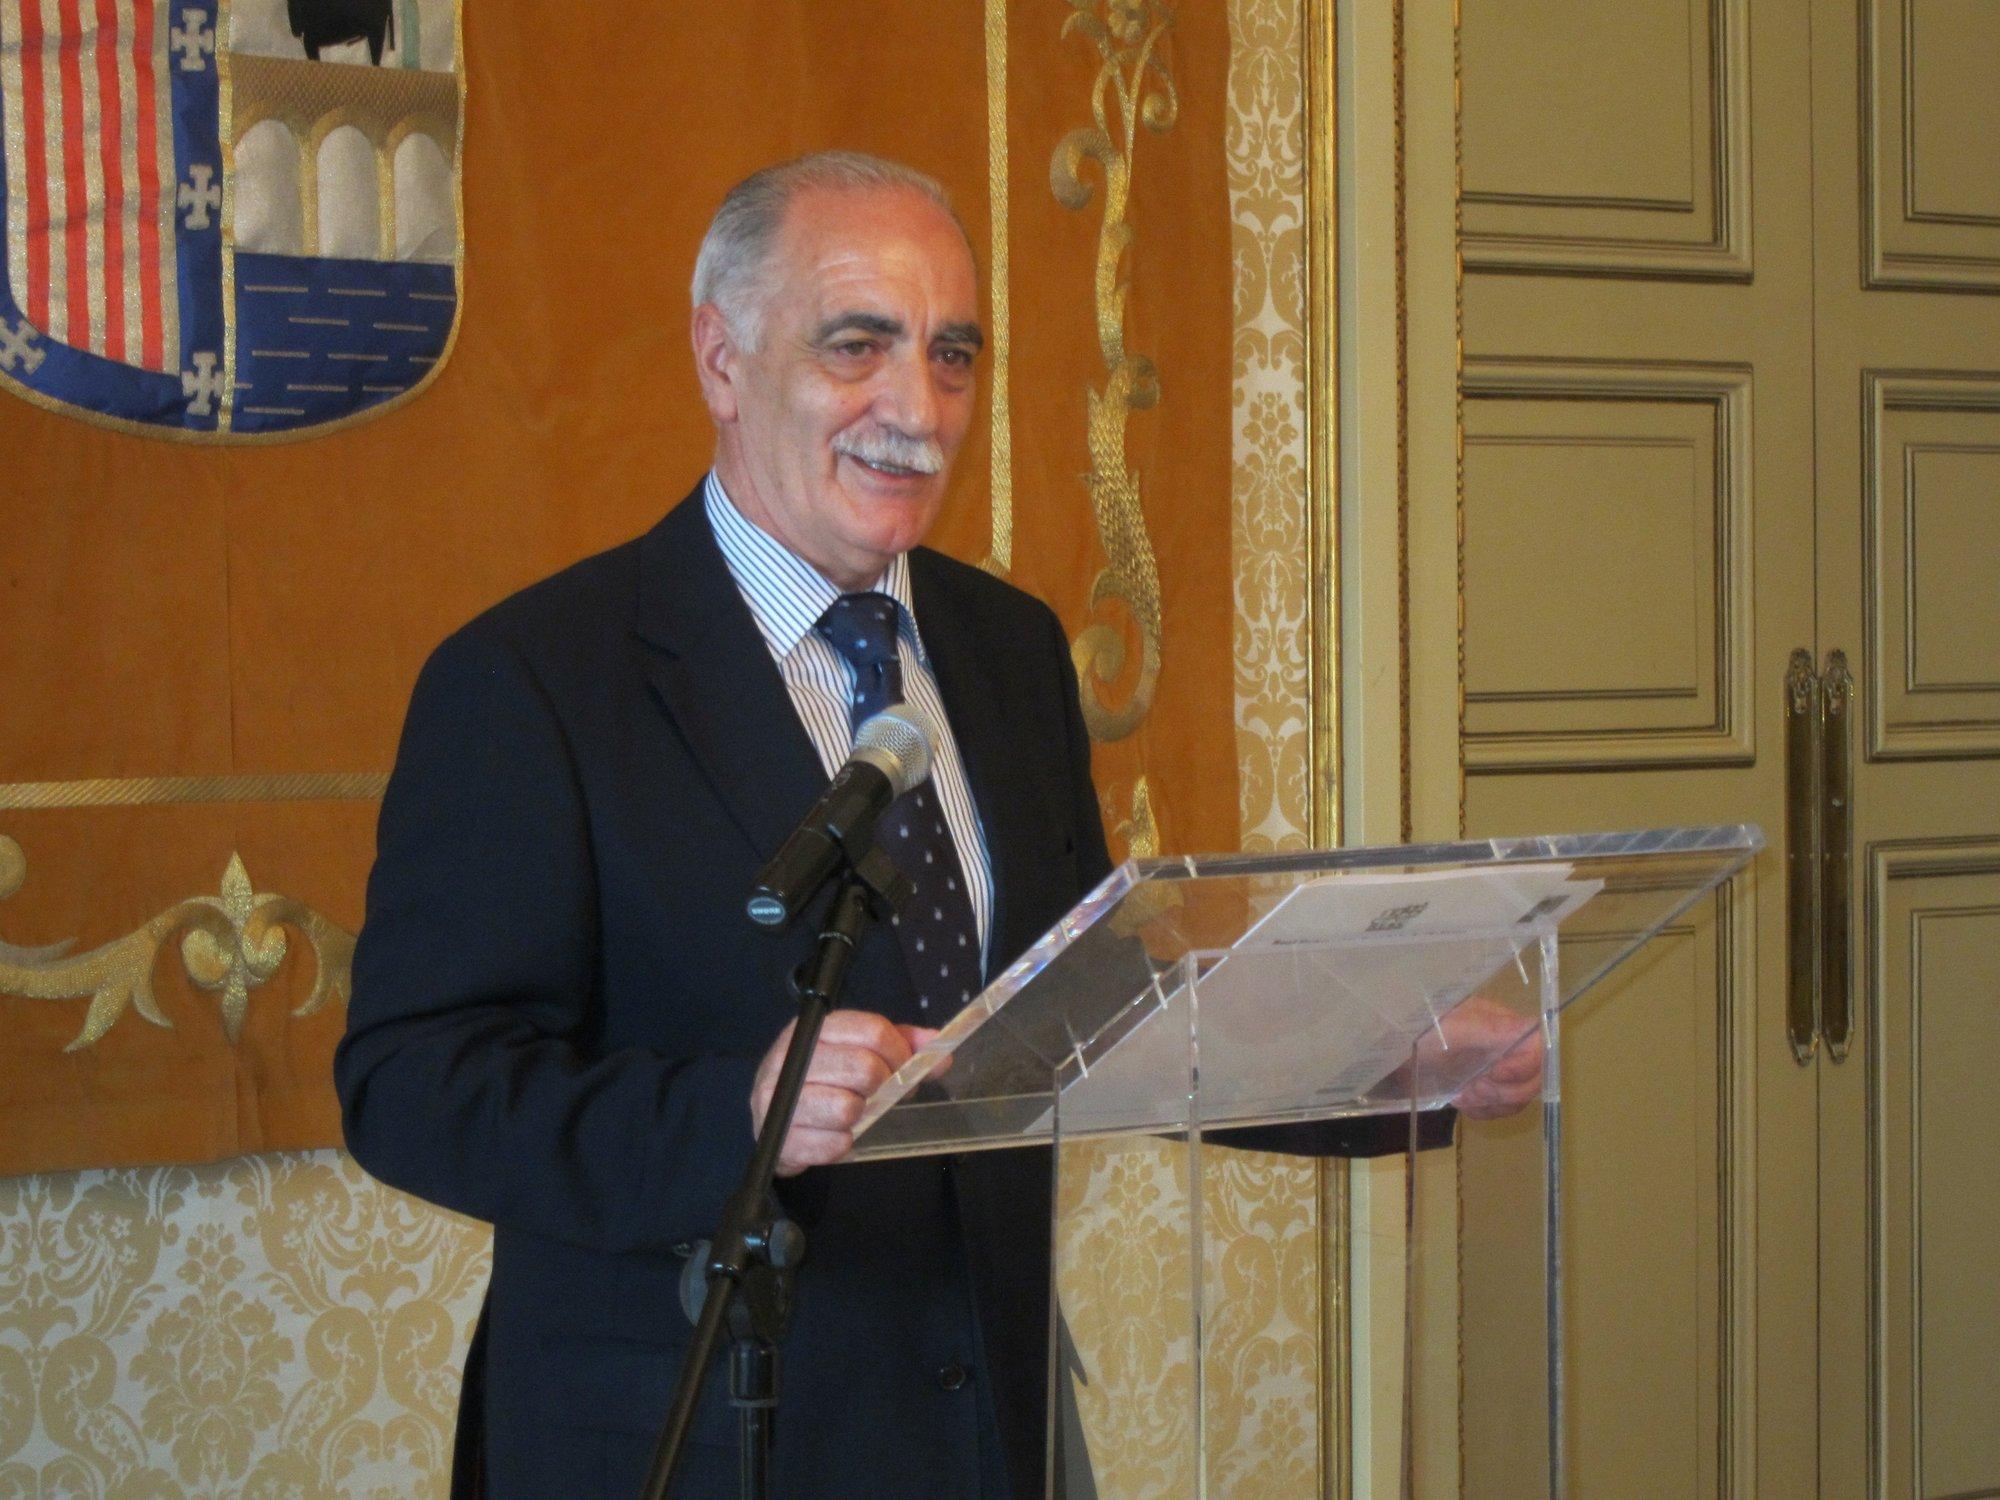 El presidente de la Federación de Ciclismo confía en que Salamanca sea sede de la presentación de la ropa olímpica